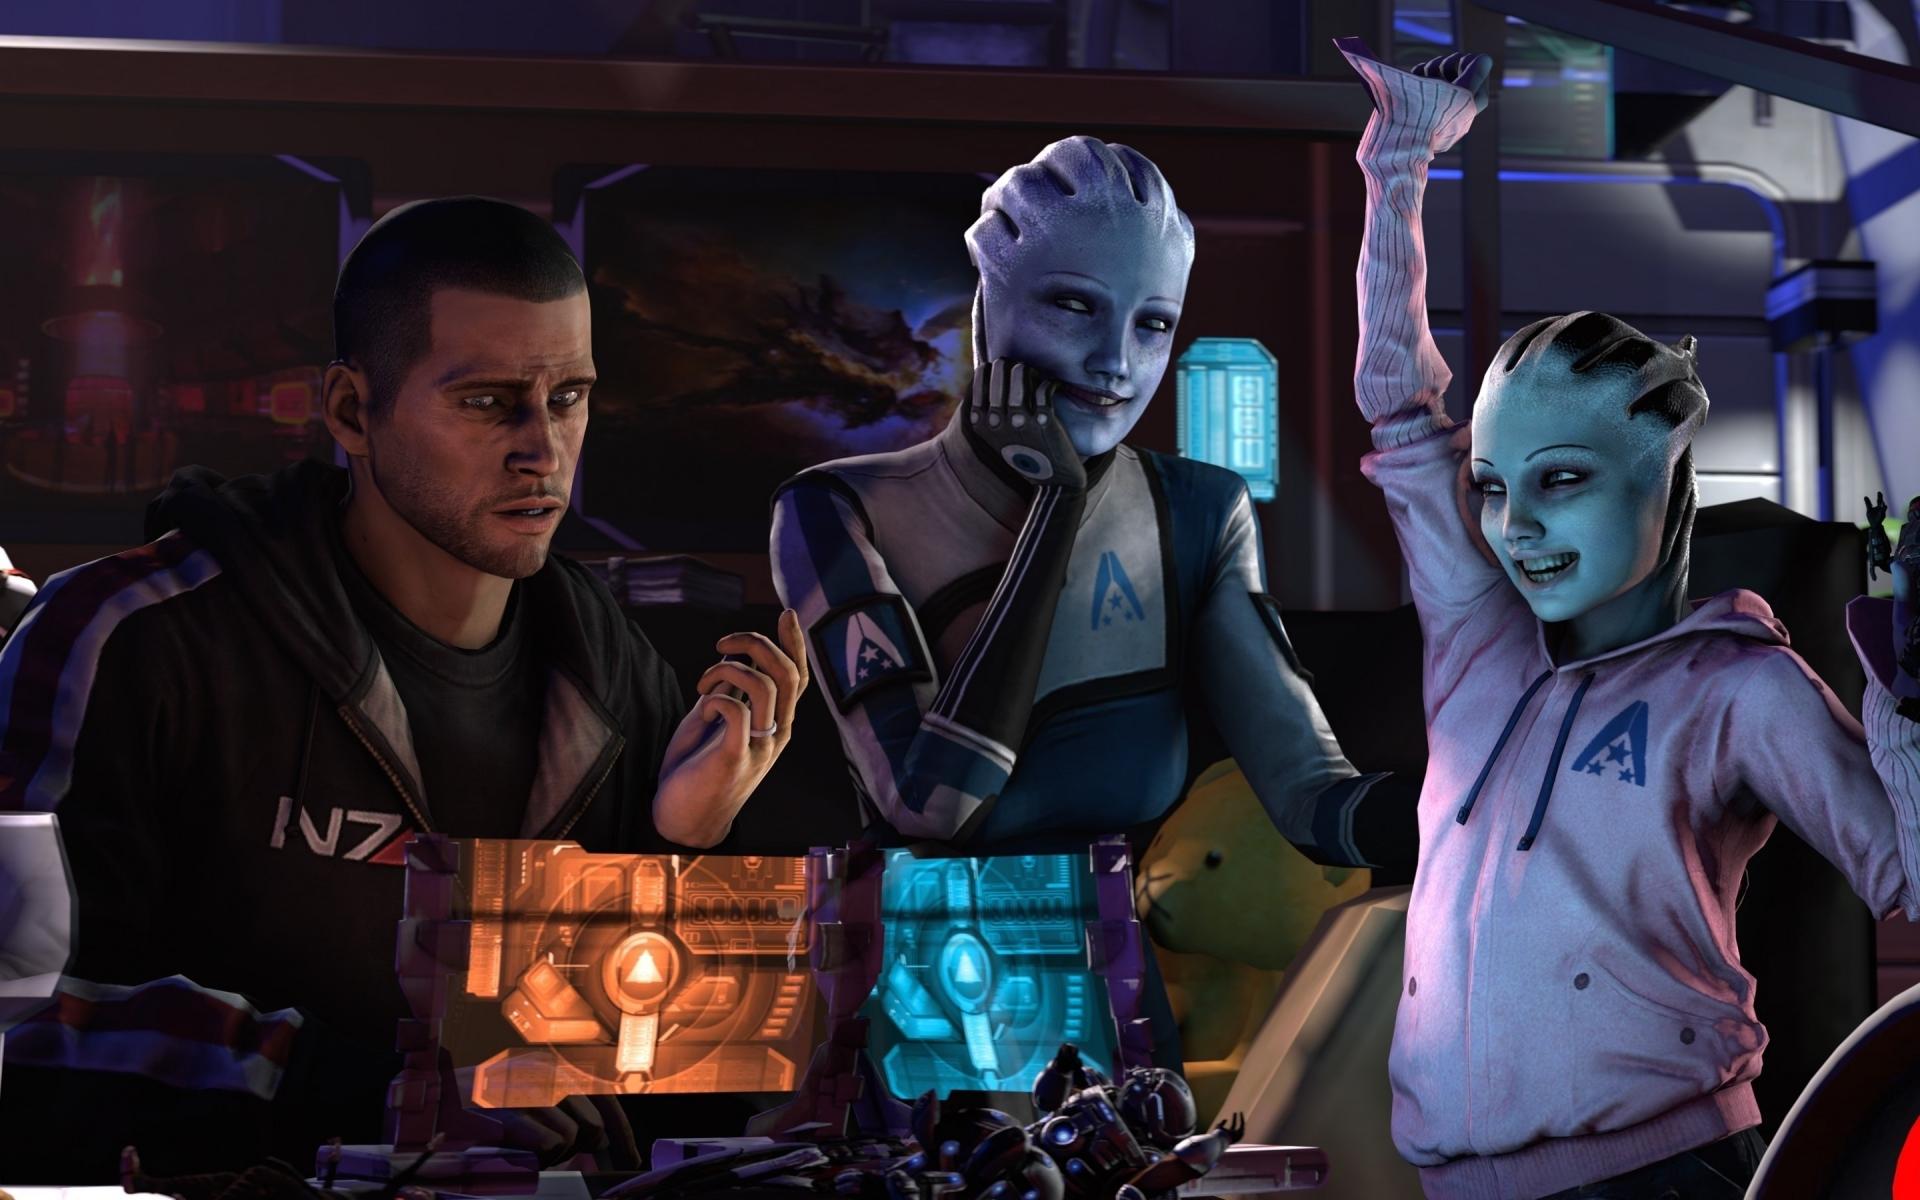 71 Mass Effect Wallpaper Hd On Wallpapersafari